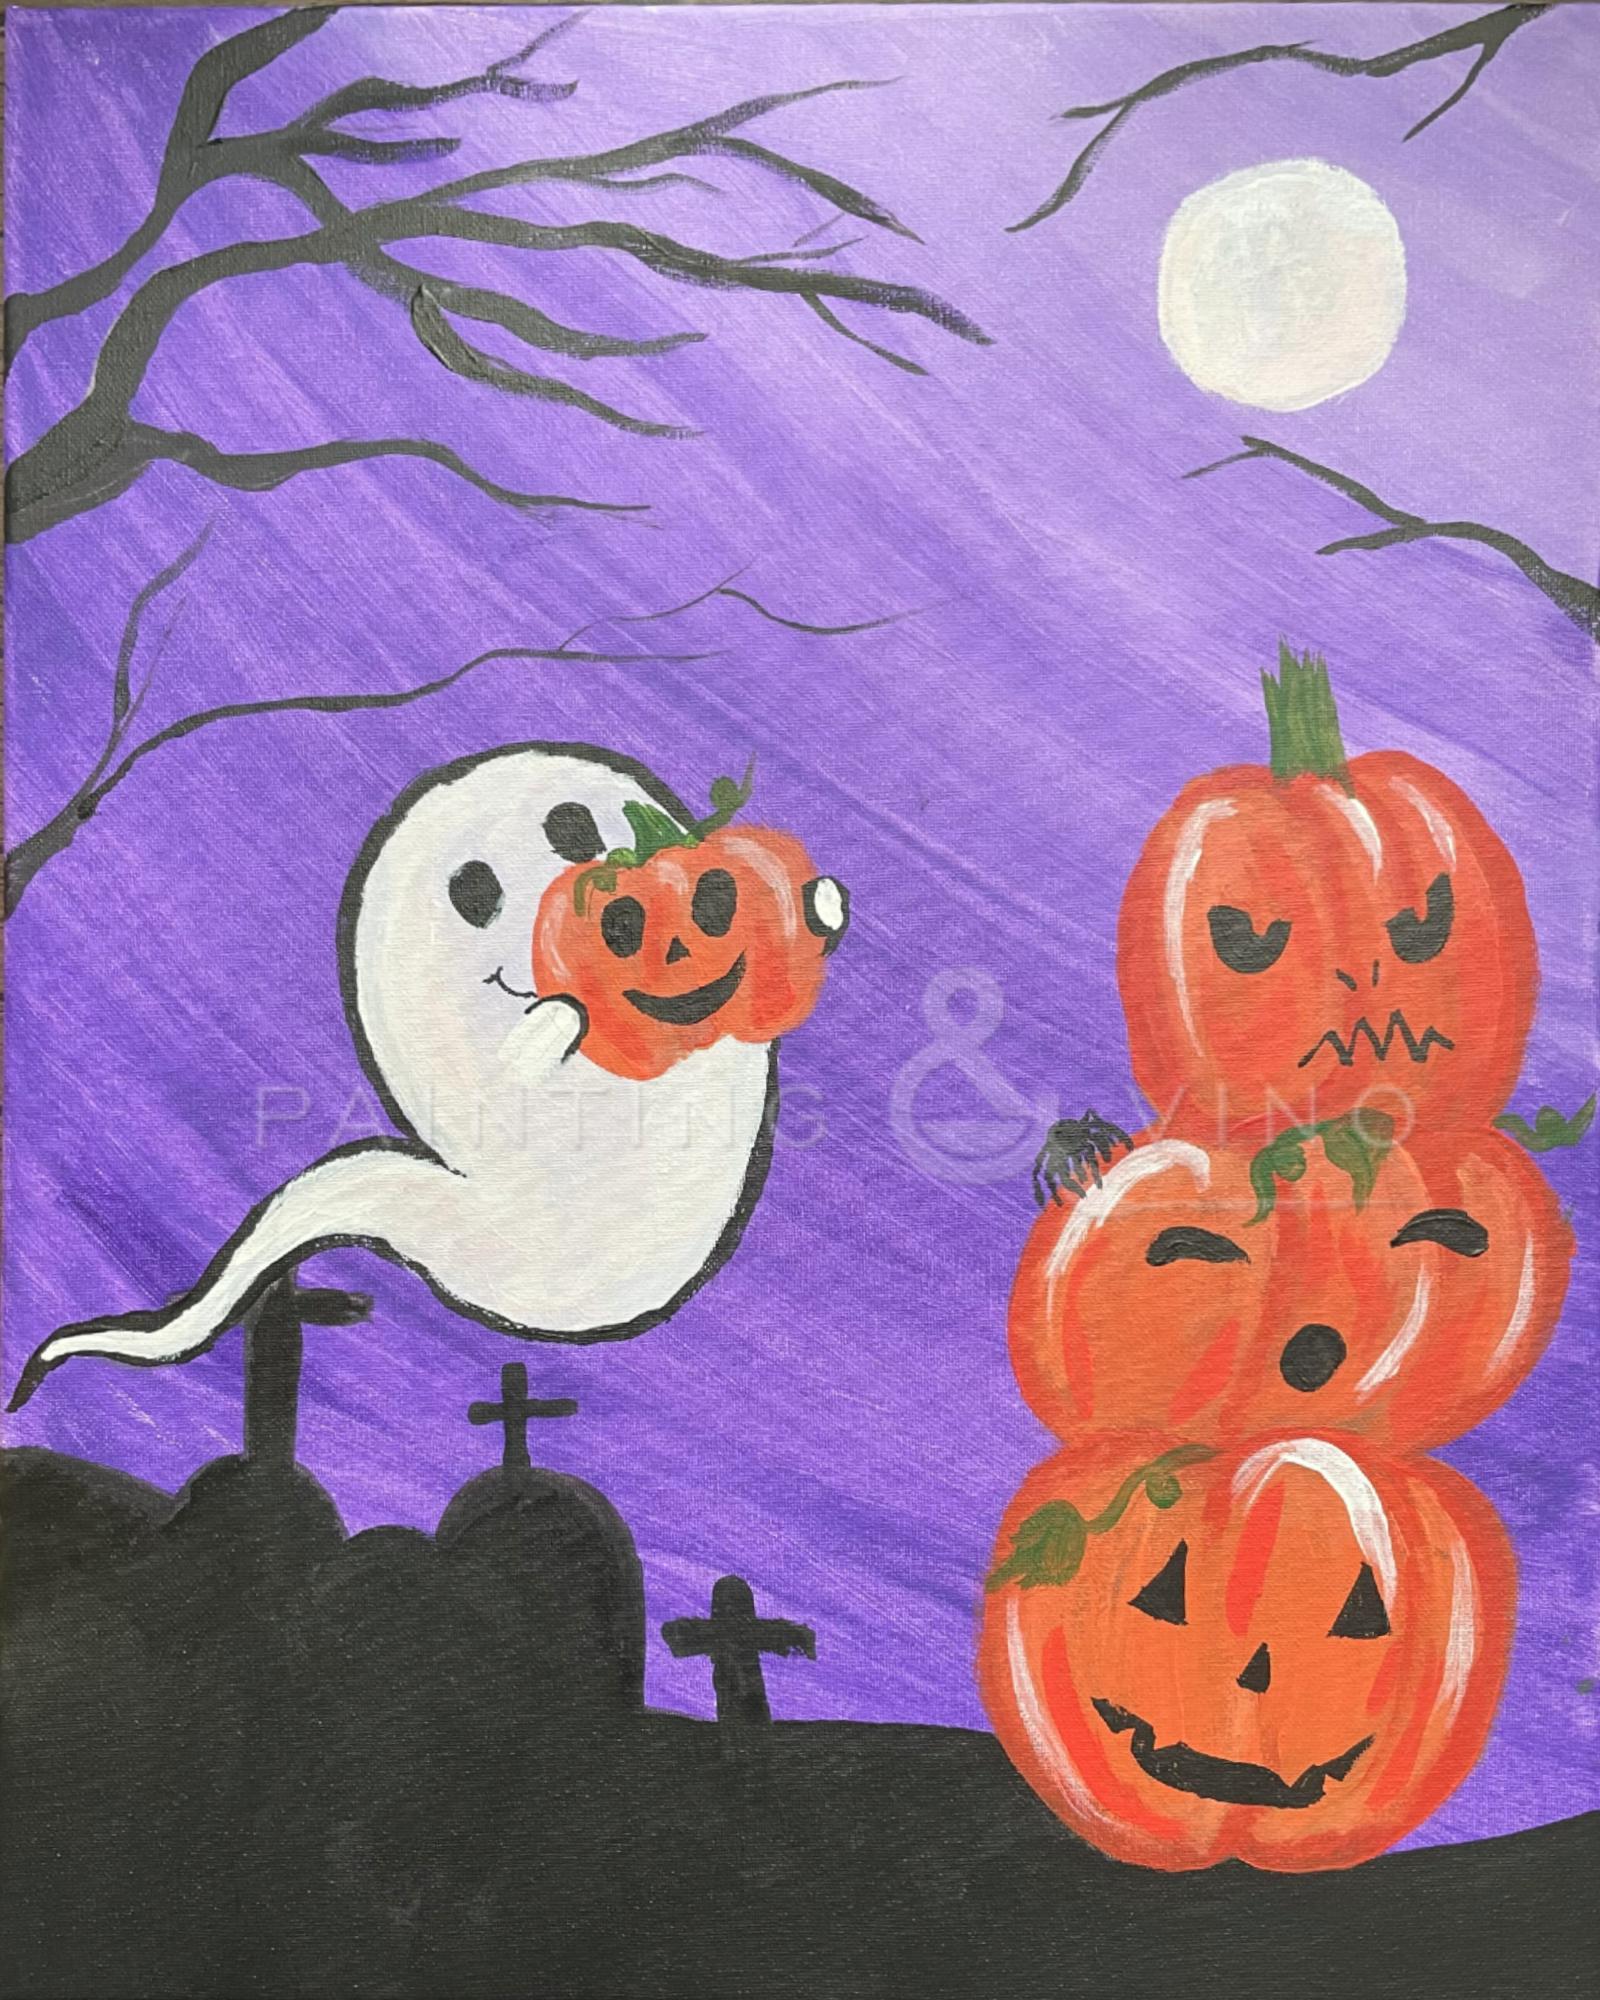 Bootiful pumpkins - Spooktacular paint and sip night